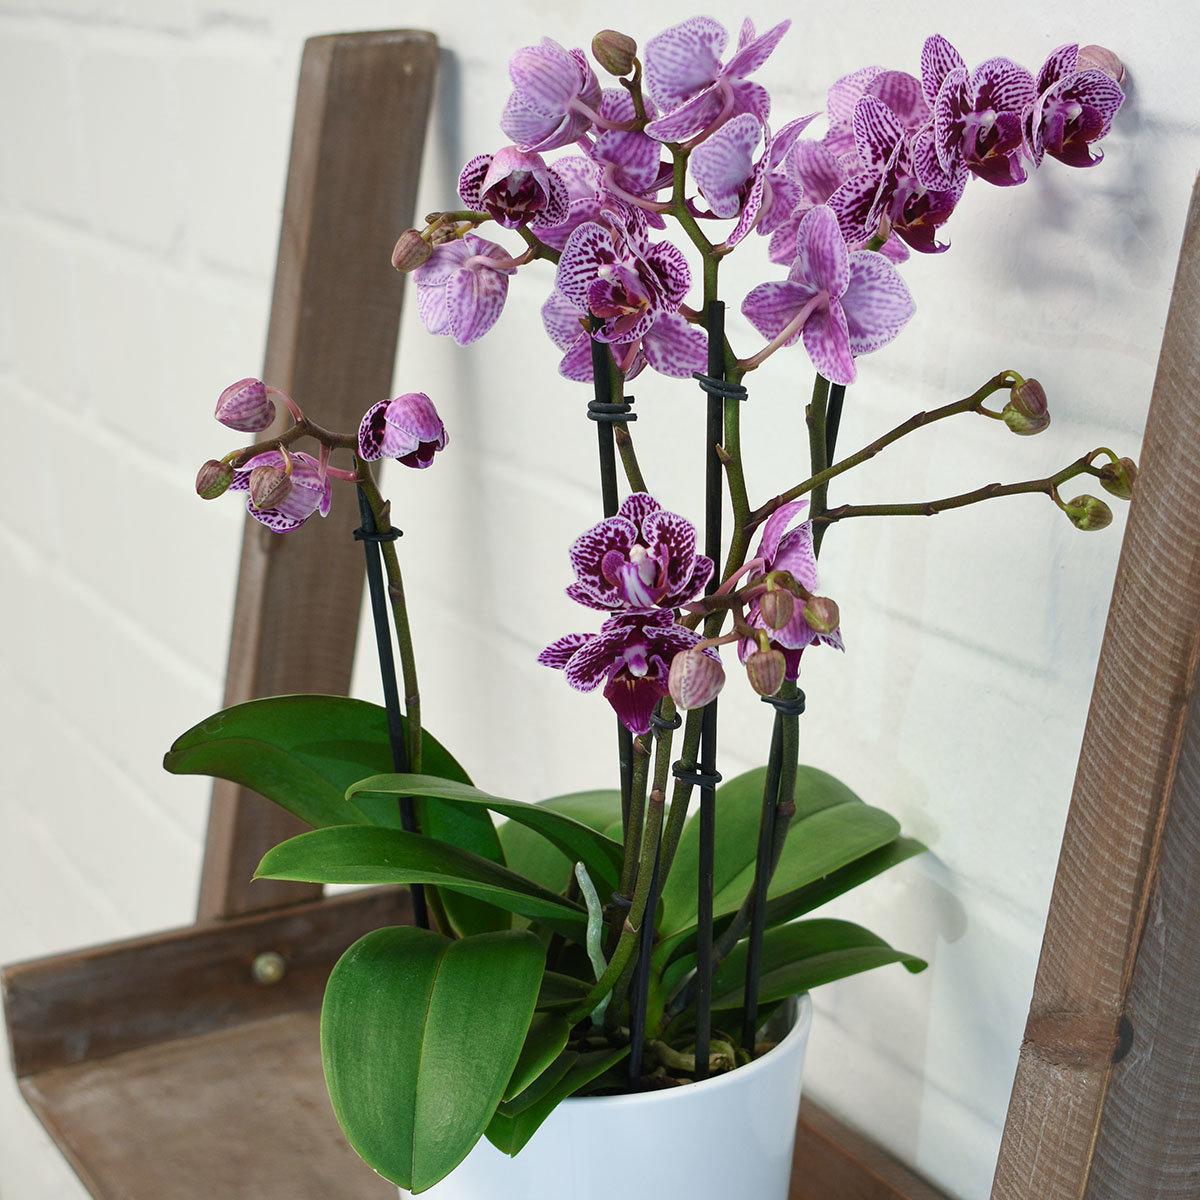 Schmetterlings-Orchidee Champion Swan inklusive Über- und Wasserspeichertopf